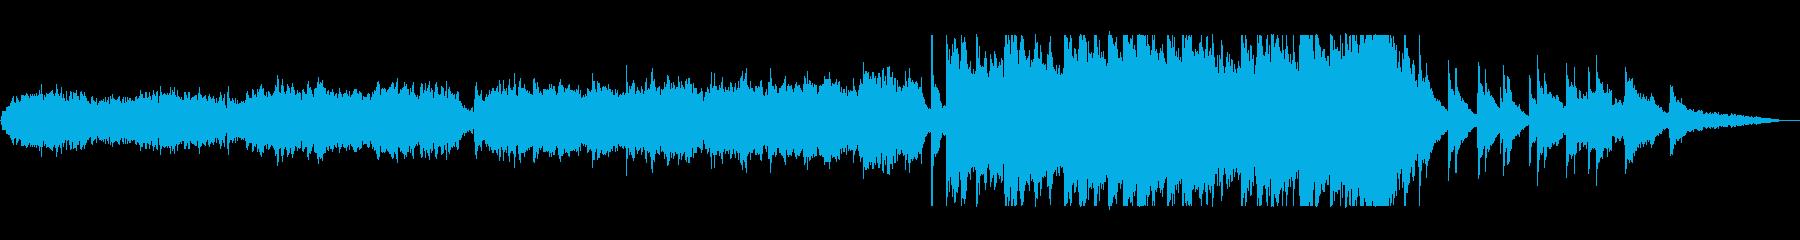 ハープの音が落ち着きを与えてくれる曲の再生済みの波形